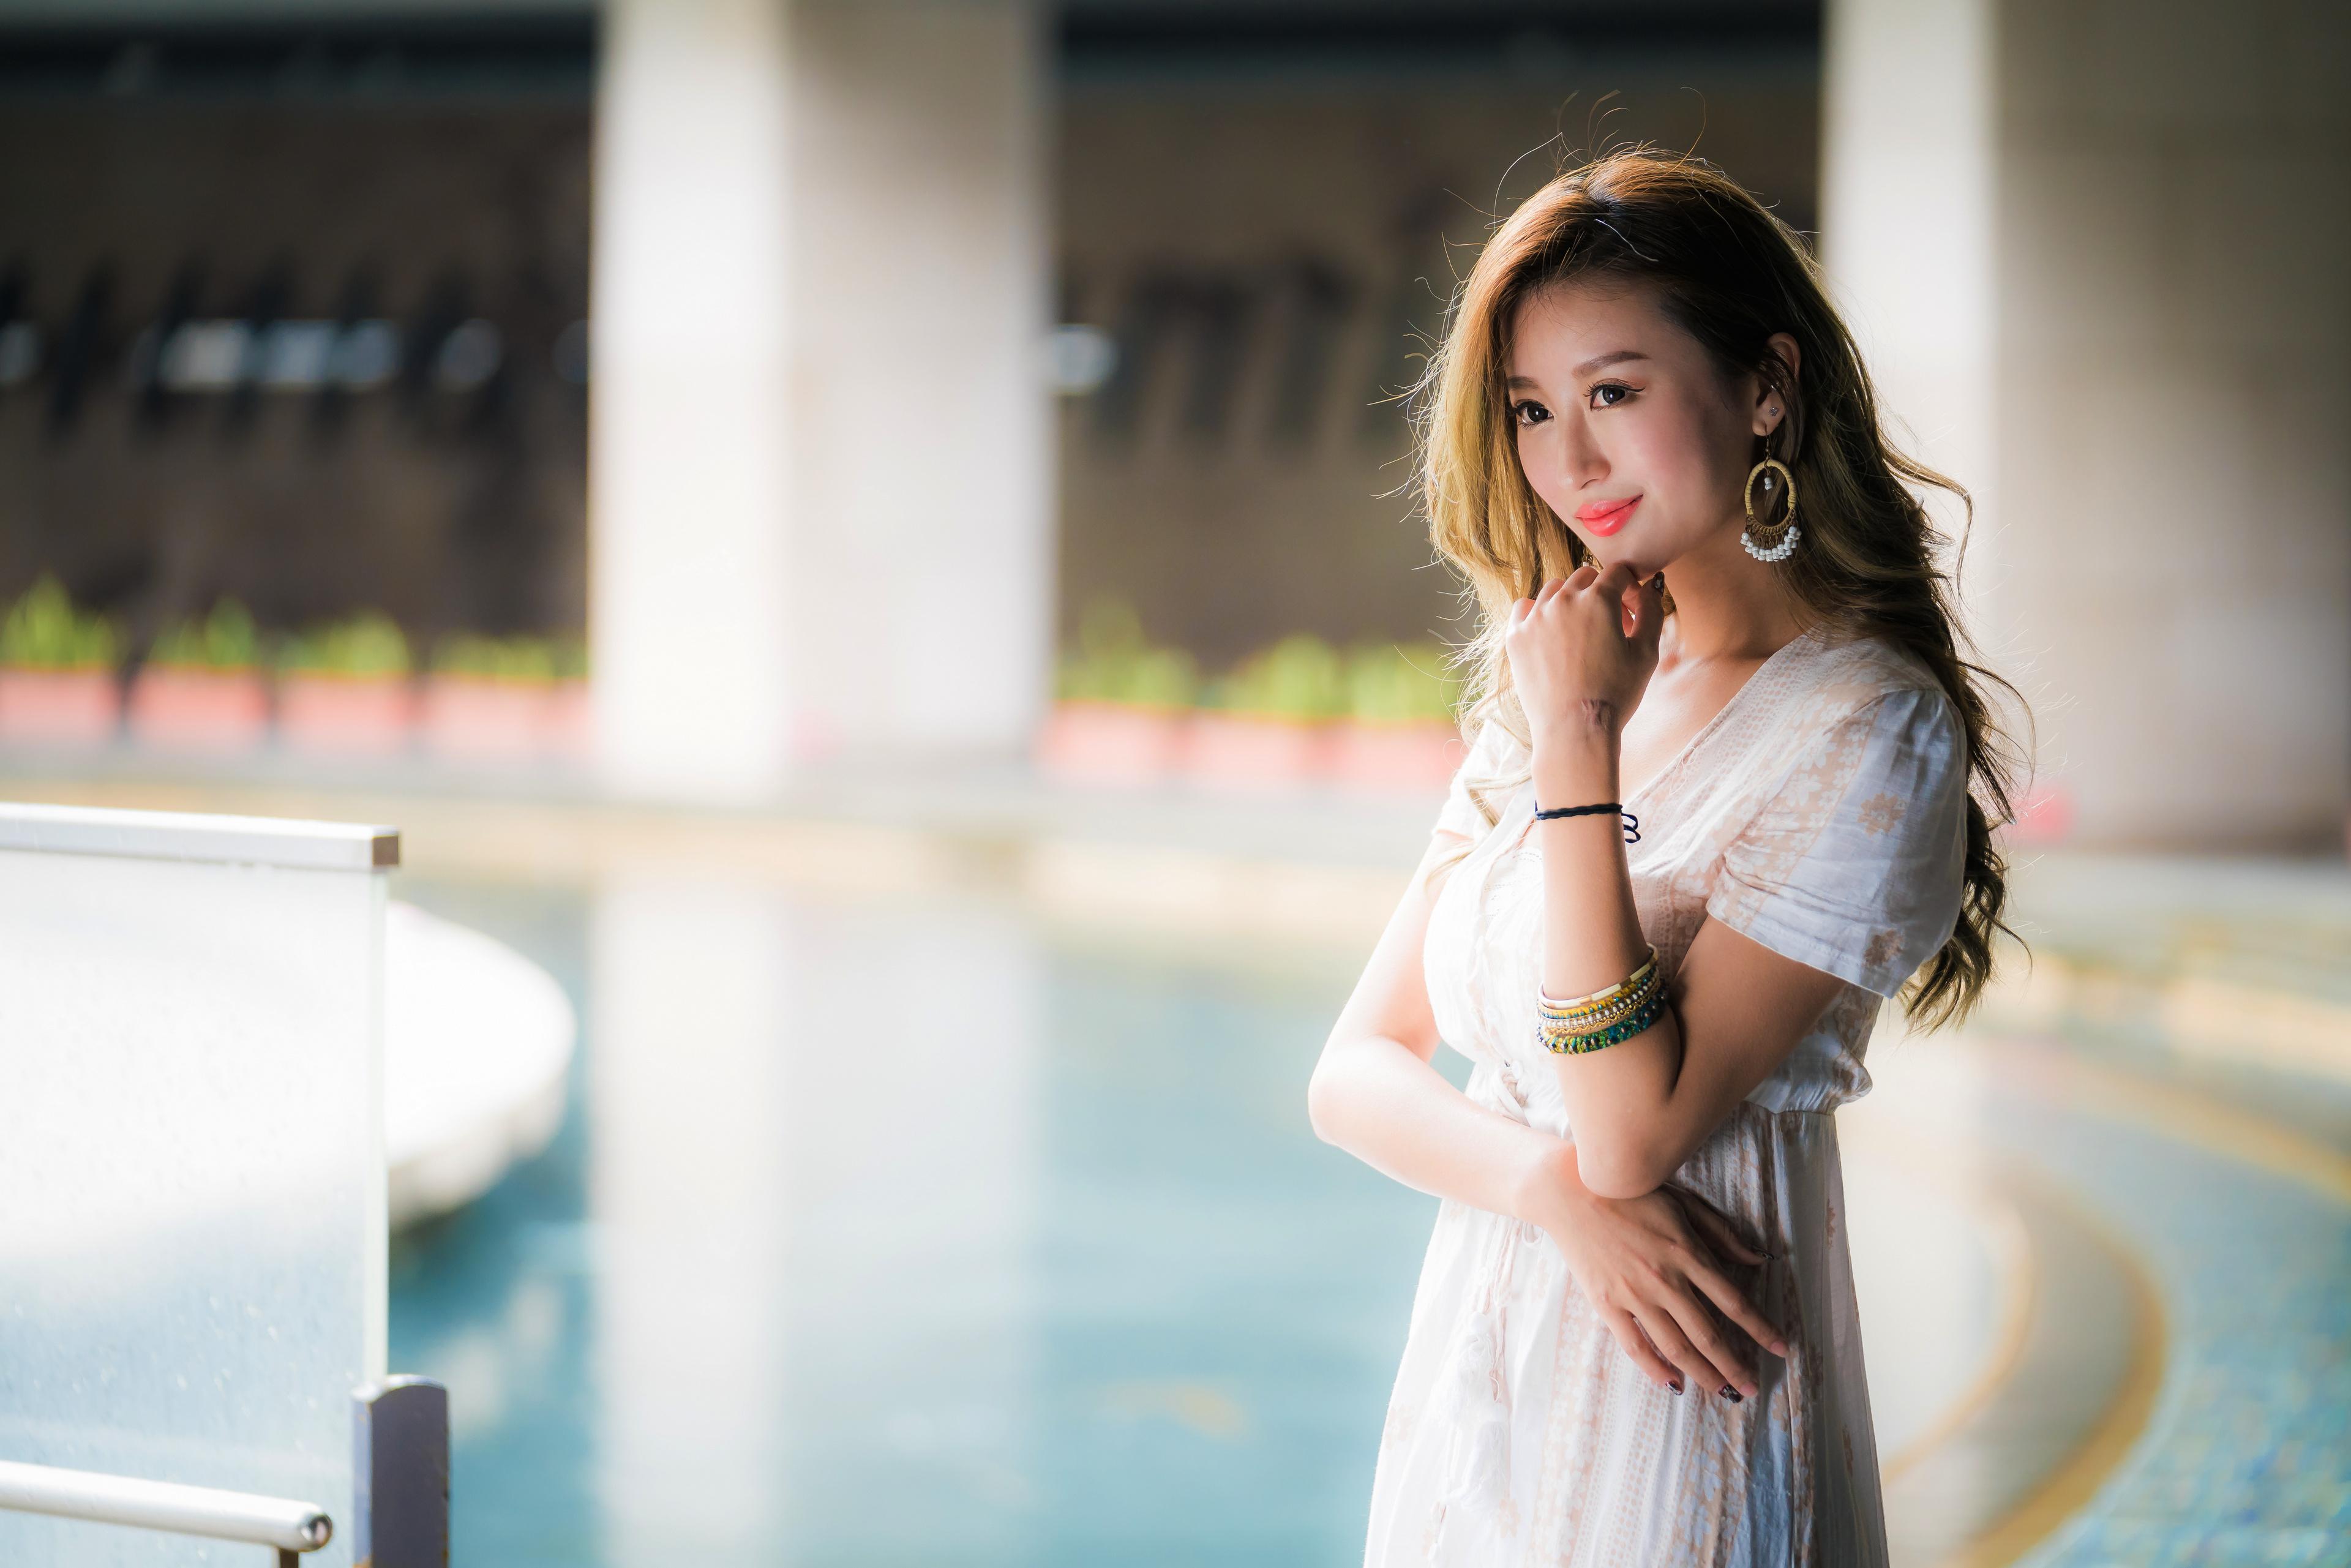 Bilder Lächeln unscharfer Hintergrund Mädchens Asiaten Hand Starren Bokeh junge frau junge Frauen Asiatische asiatisches Blick